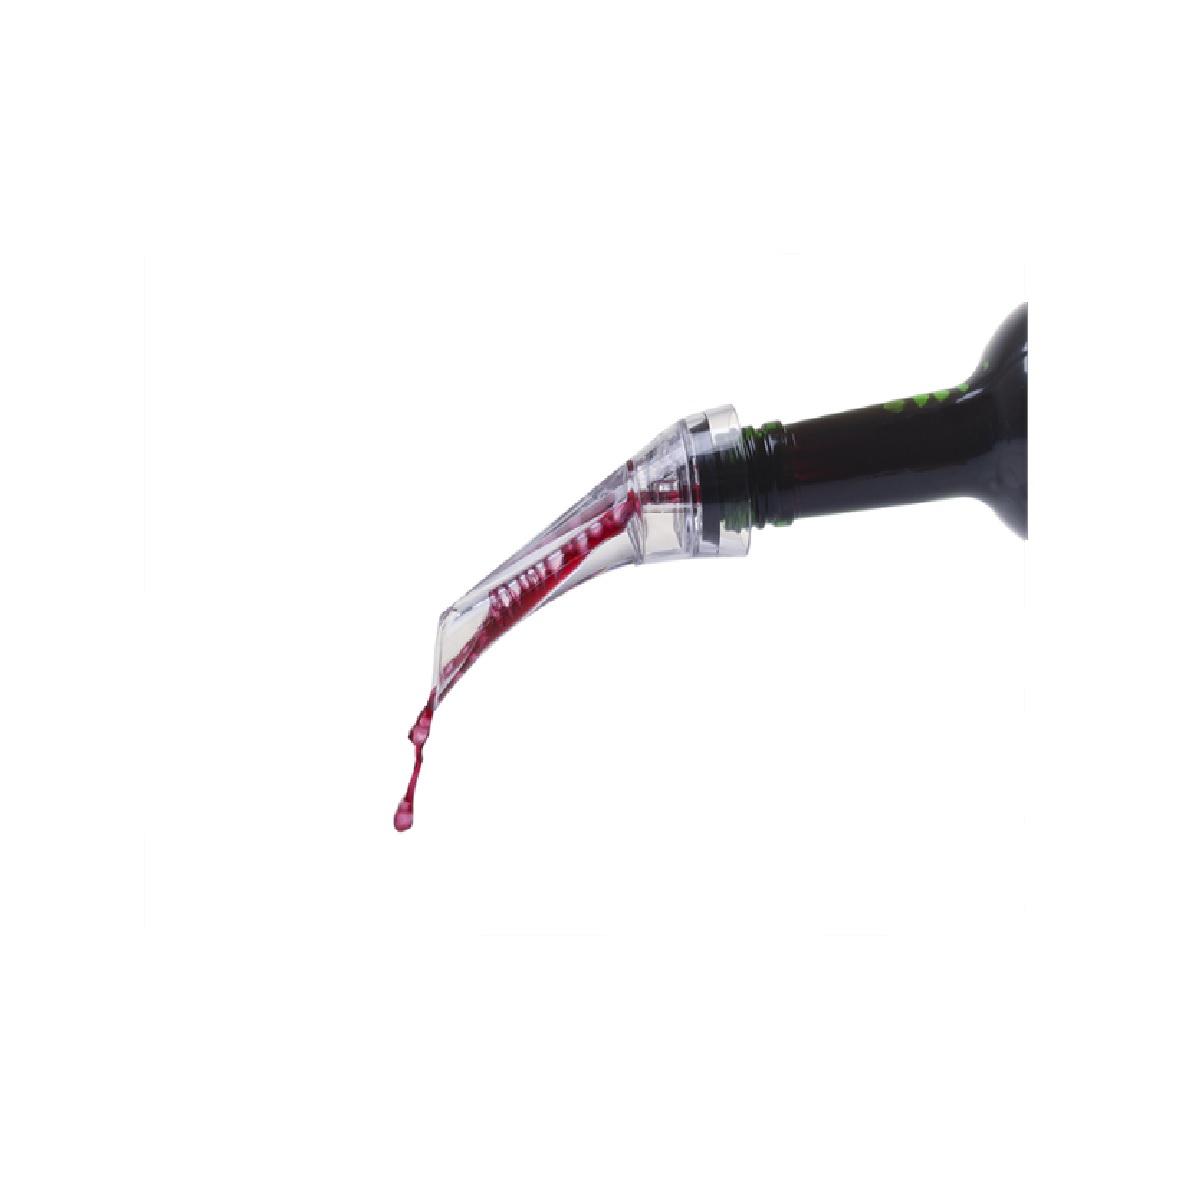 Aerador para vinho acrílico16x4,5cm Brinox